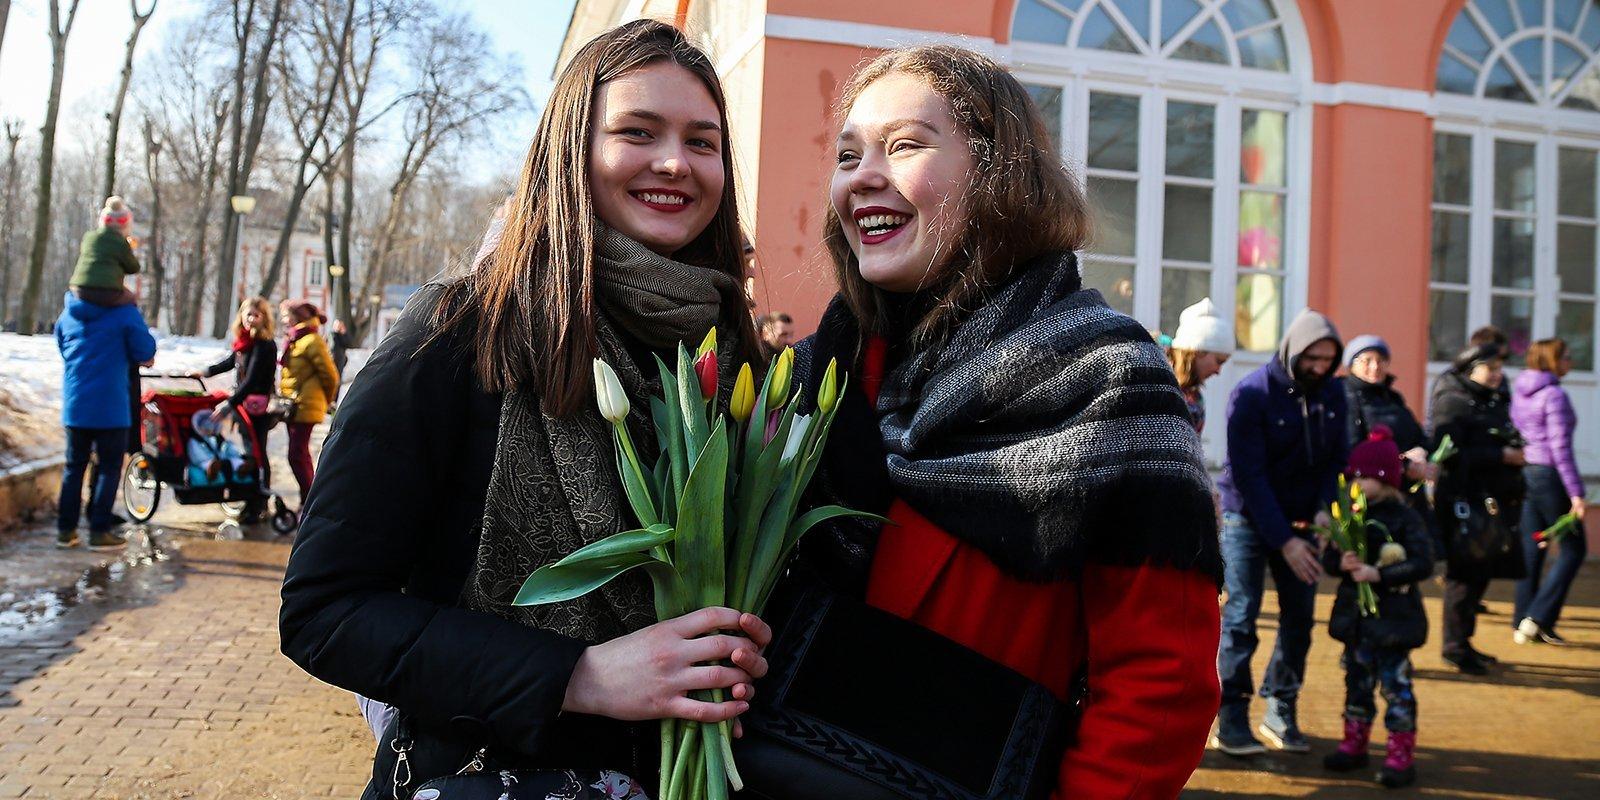 Бесплатный вход на катки для женщин, концерты и цветы: как отметить 8 Марта в парках